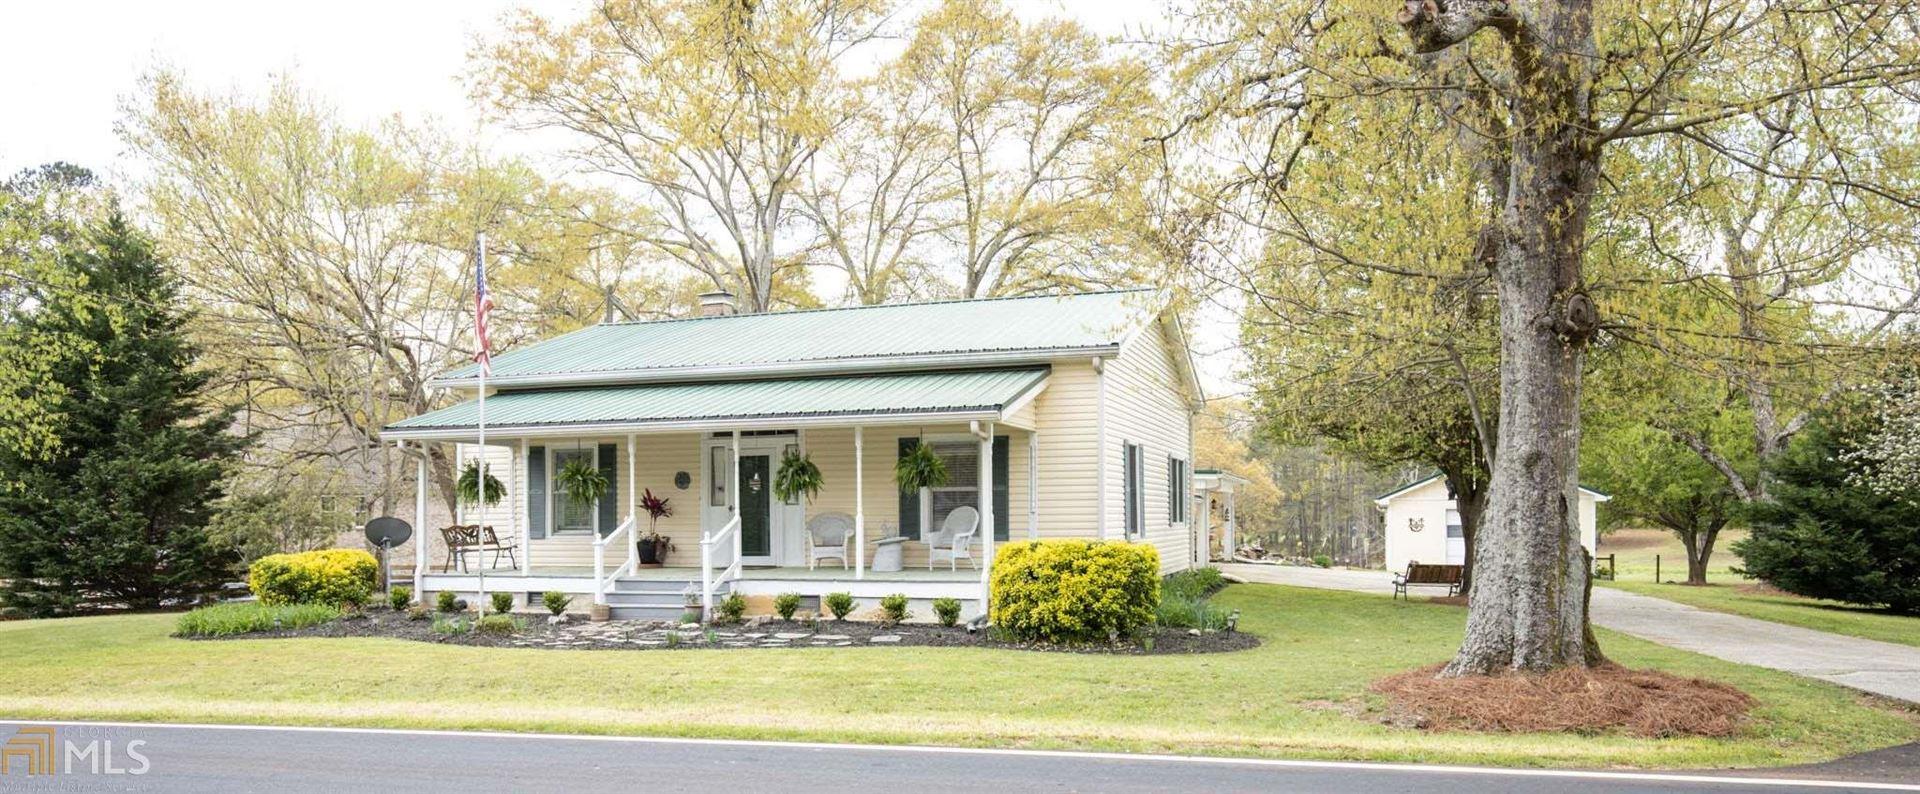 2968 Hopkins Rd, Powder Springs, GA 30127 - #: 8953941